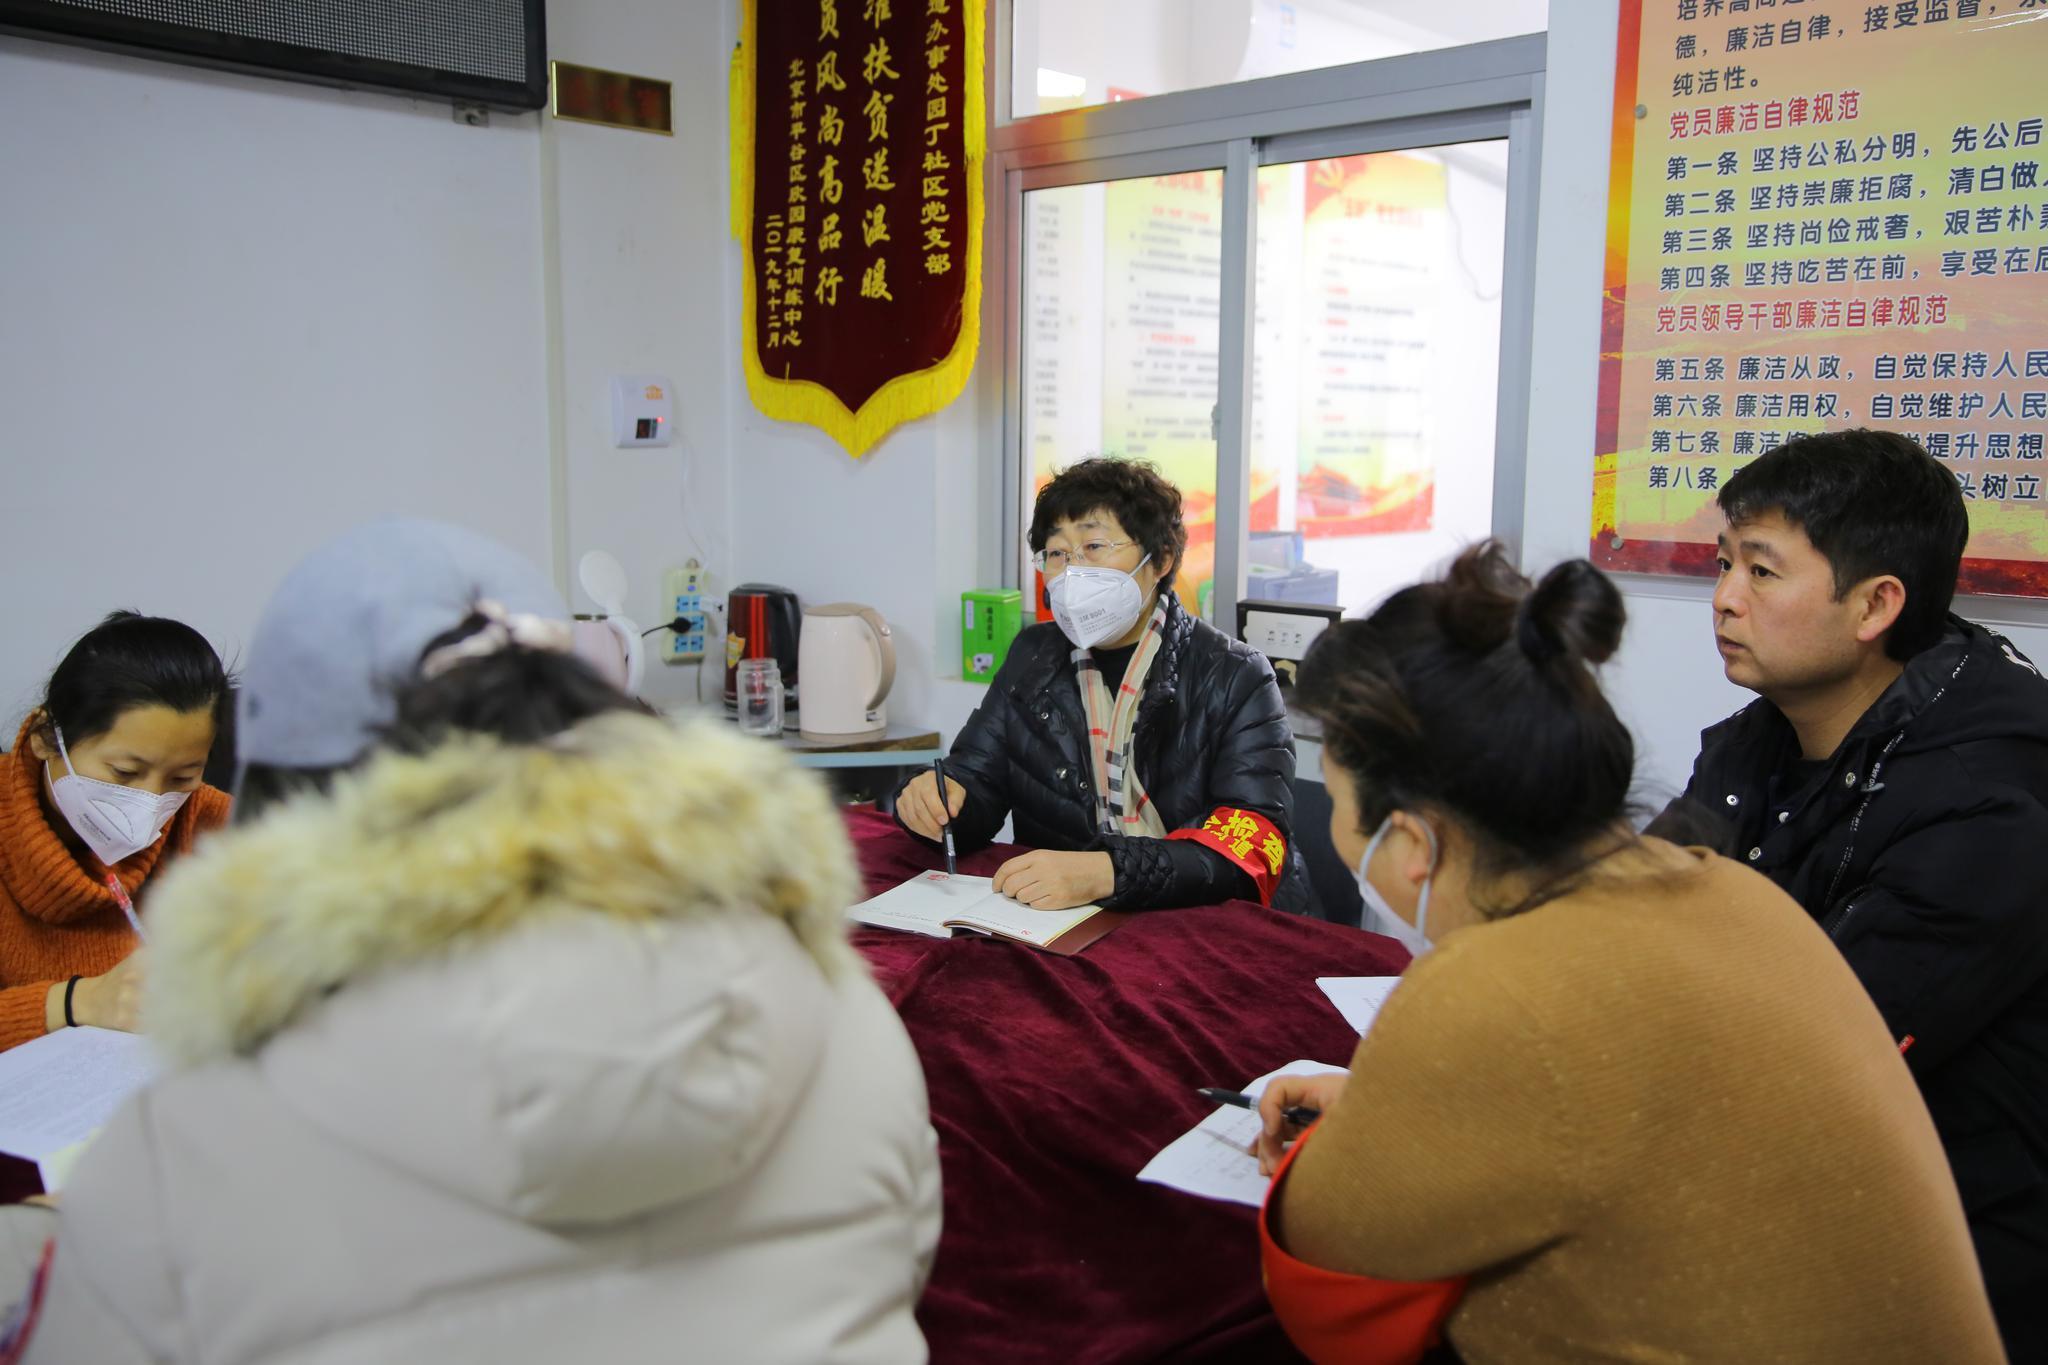 地毯式摸排 平谷这个社区两天内防疫排查1800户居民图片